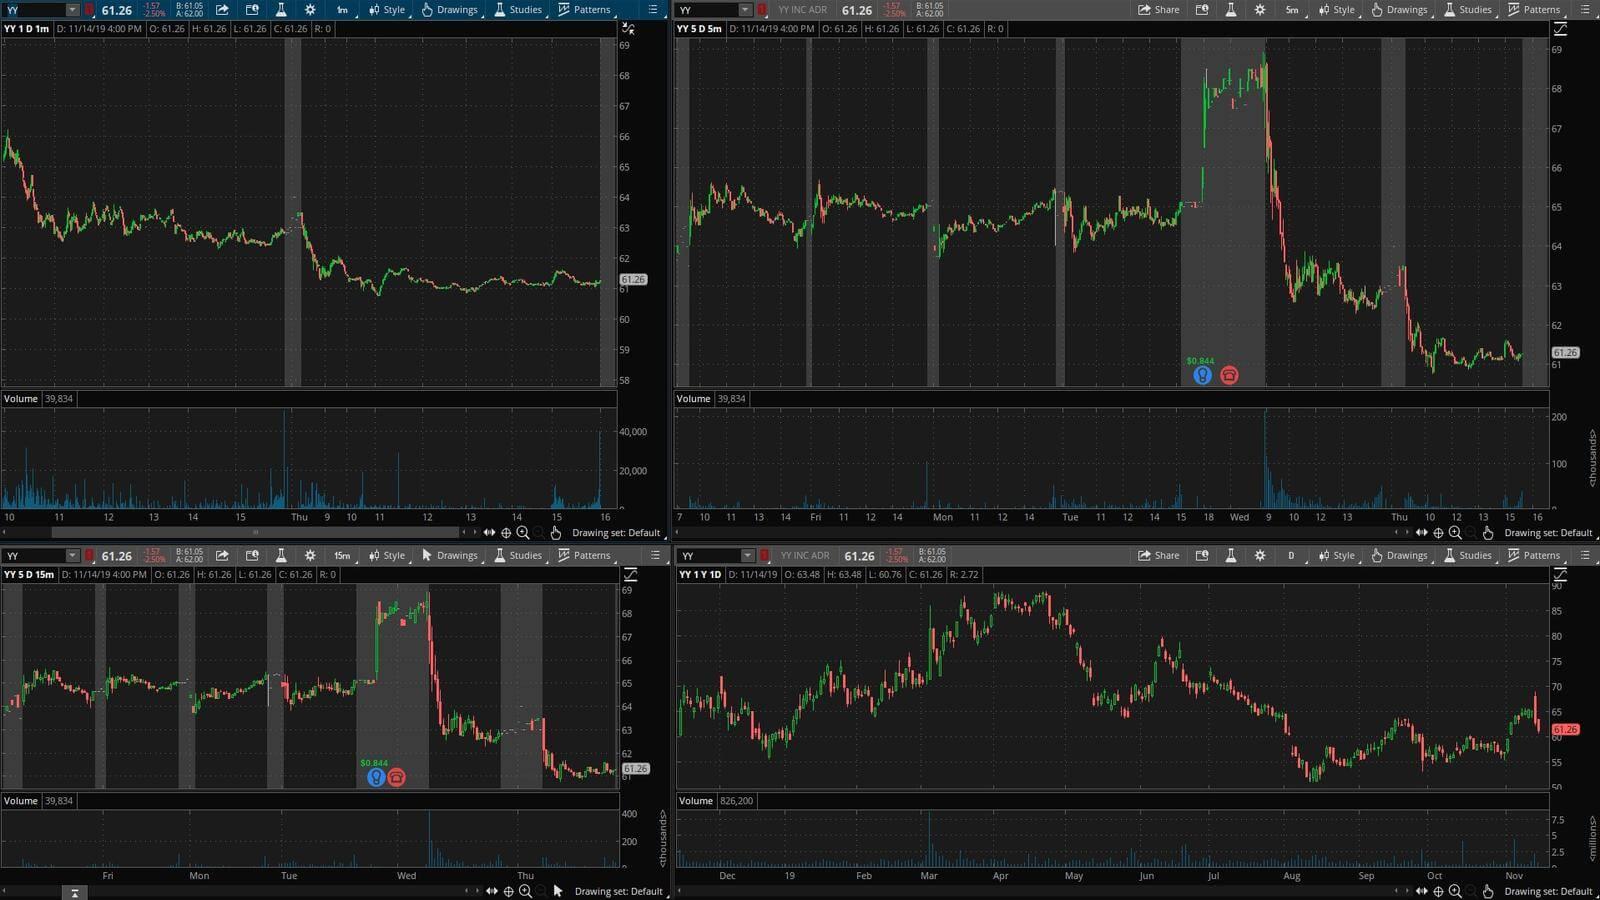 YY - график акции на фондовой бирже